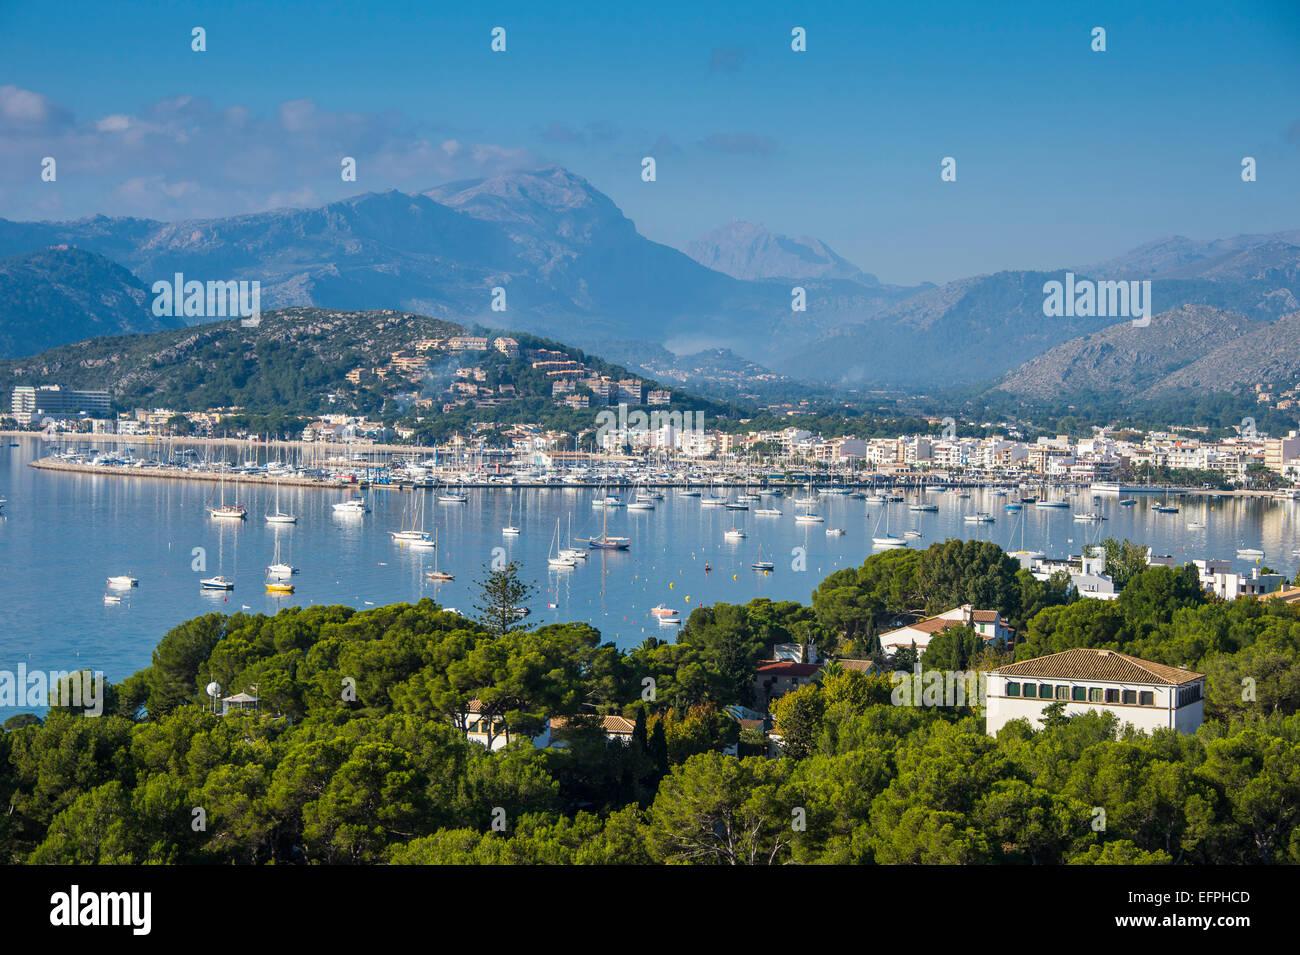 La vista della Baia di Port de Pollenca con molte barche a vela, Maiorca, isole Baleari, Spagna, Mediterraneo, Europa Immagini Stock